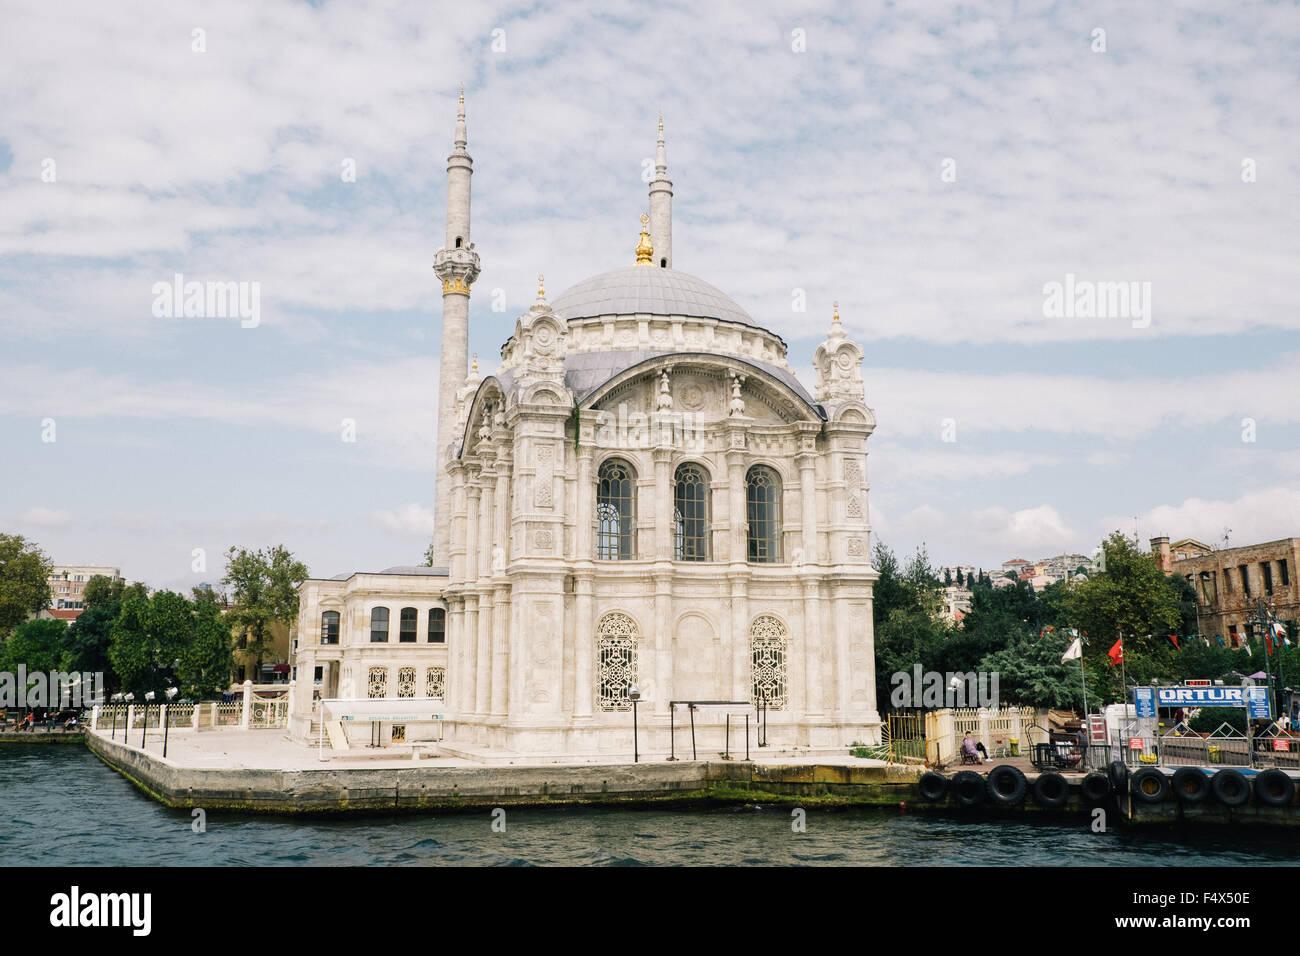 Mosquée sur les rives du Bosphore à Istanbul en Turquie. Banque D'Images